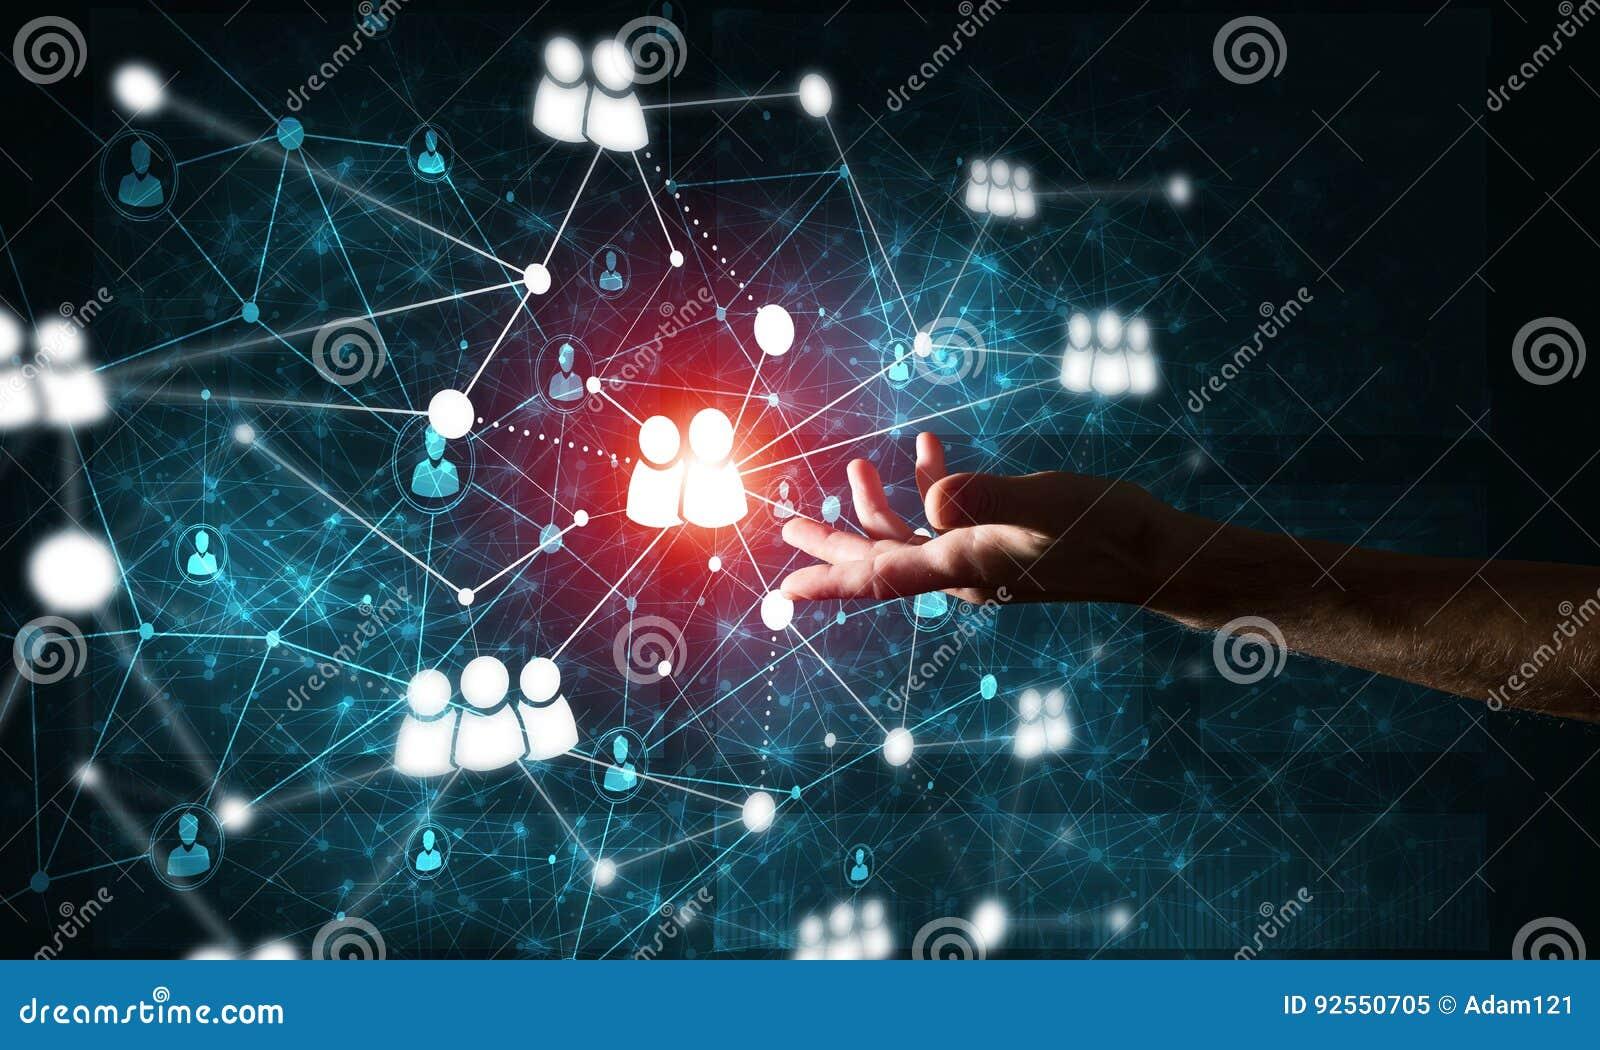 Presentando le tecnologie wireless moderne come mezzi di communucation e di rete su fondo scuro